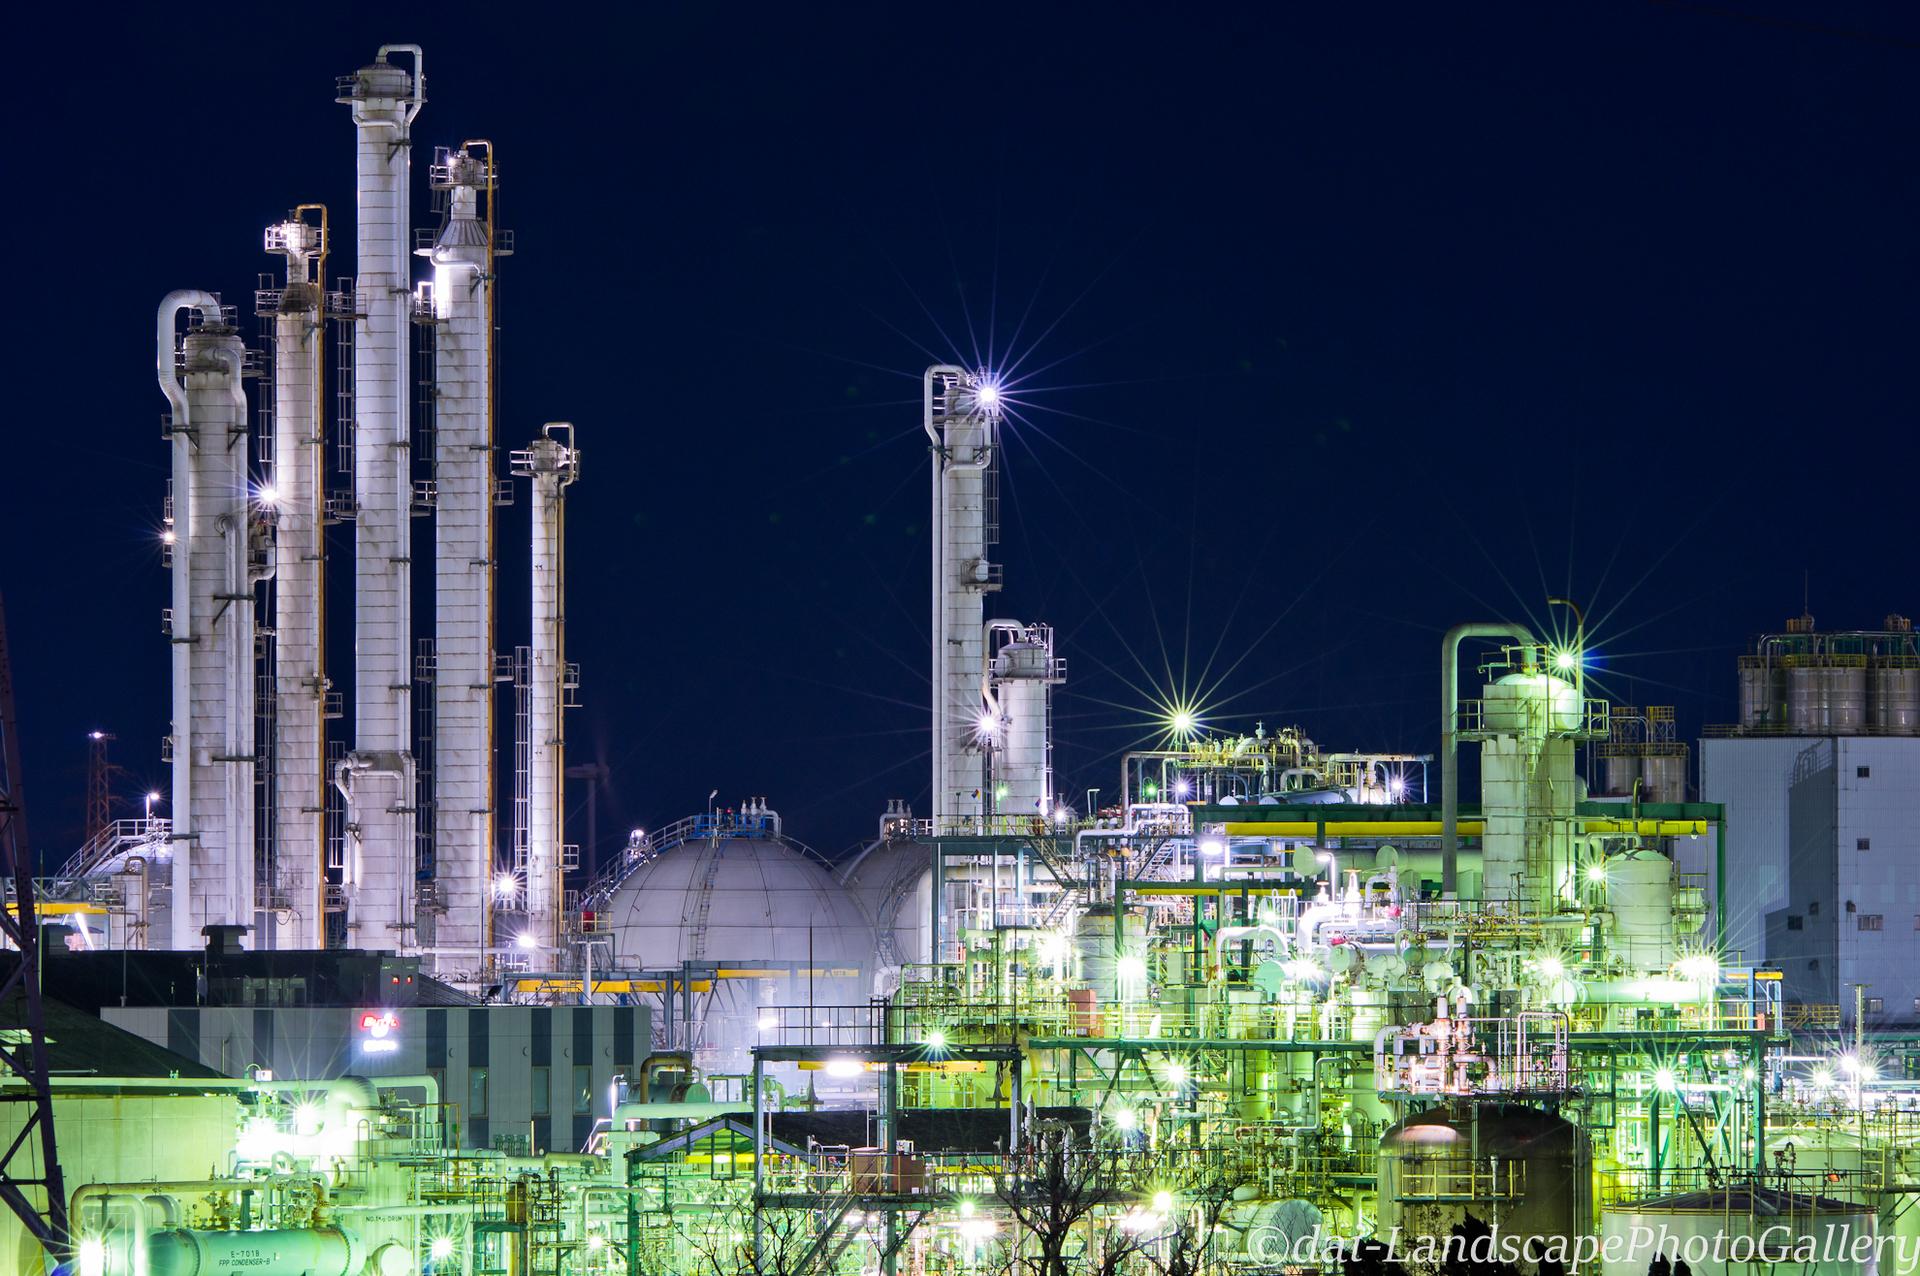 鹿島臨海工業地帯 蒸留塔の夜景